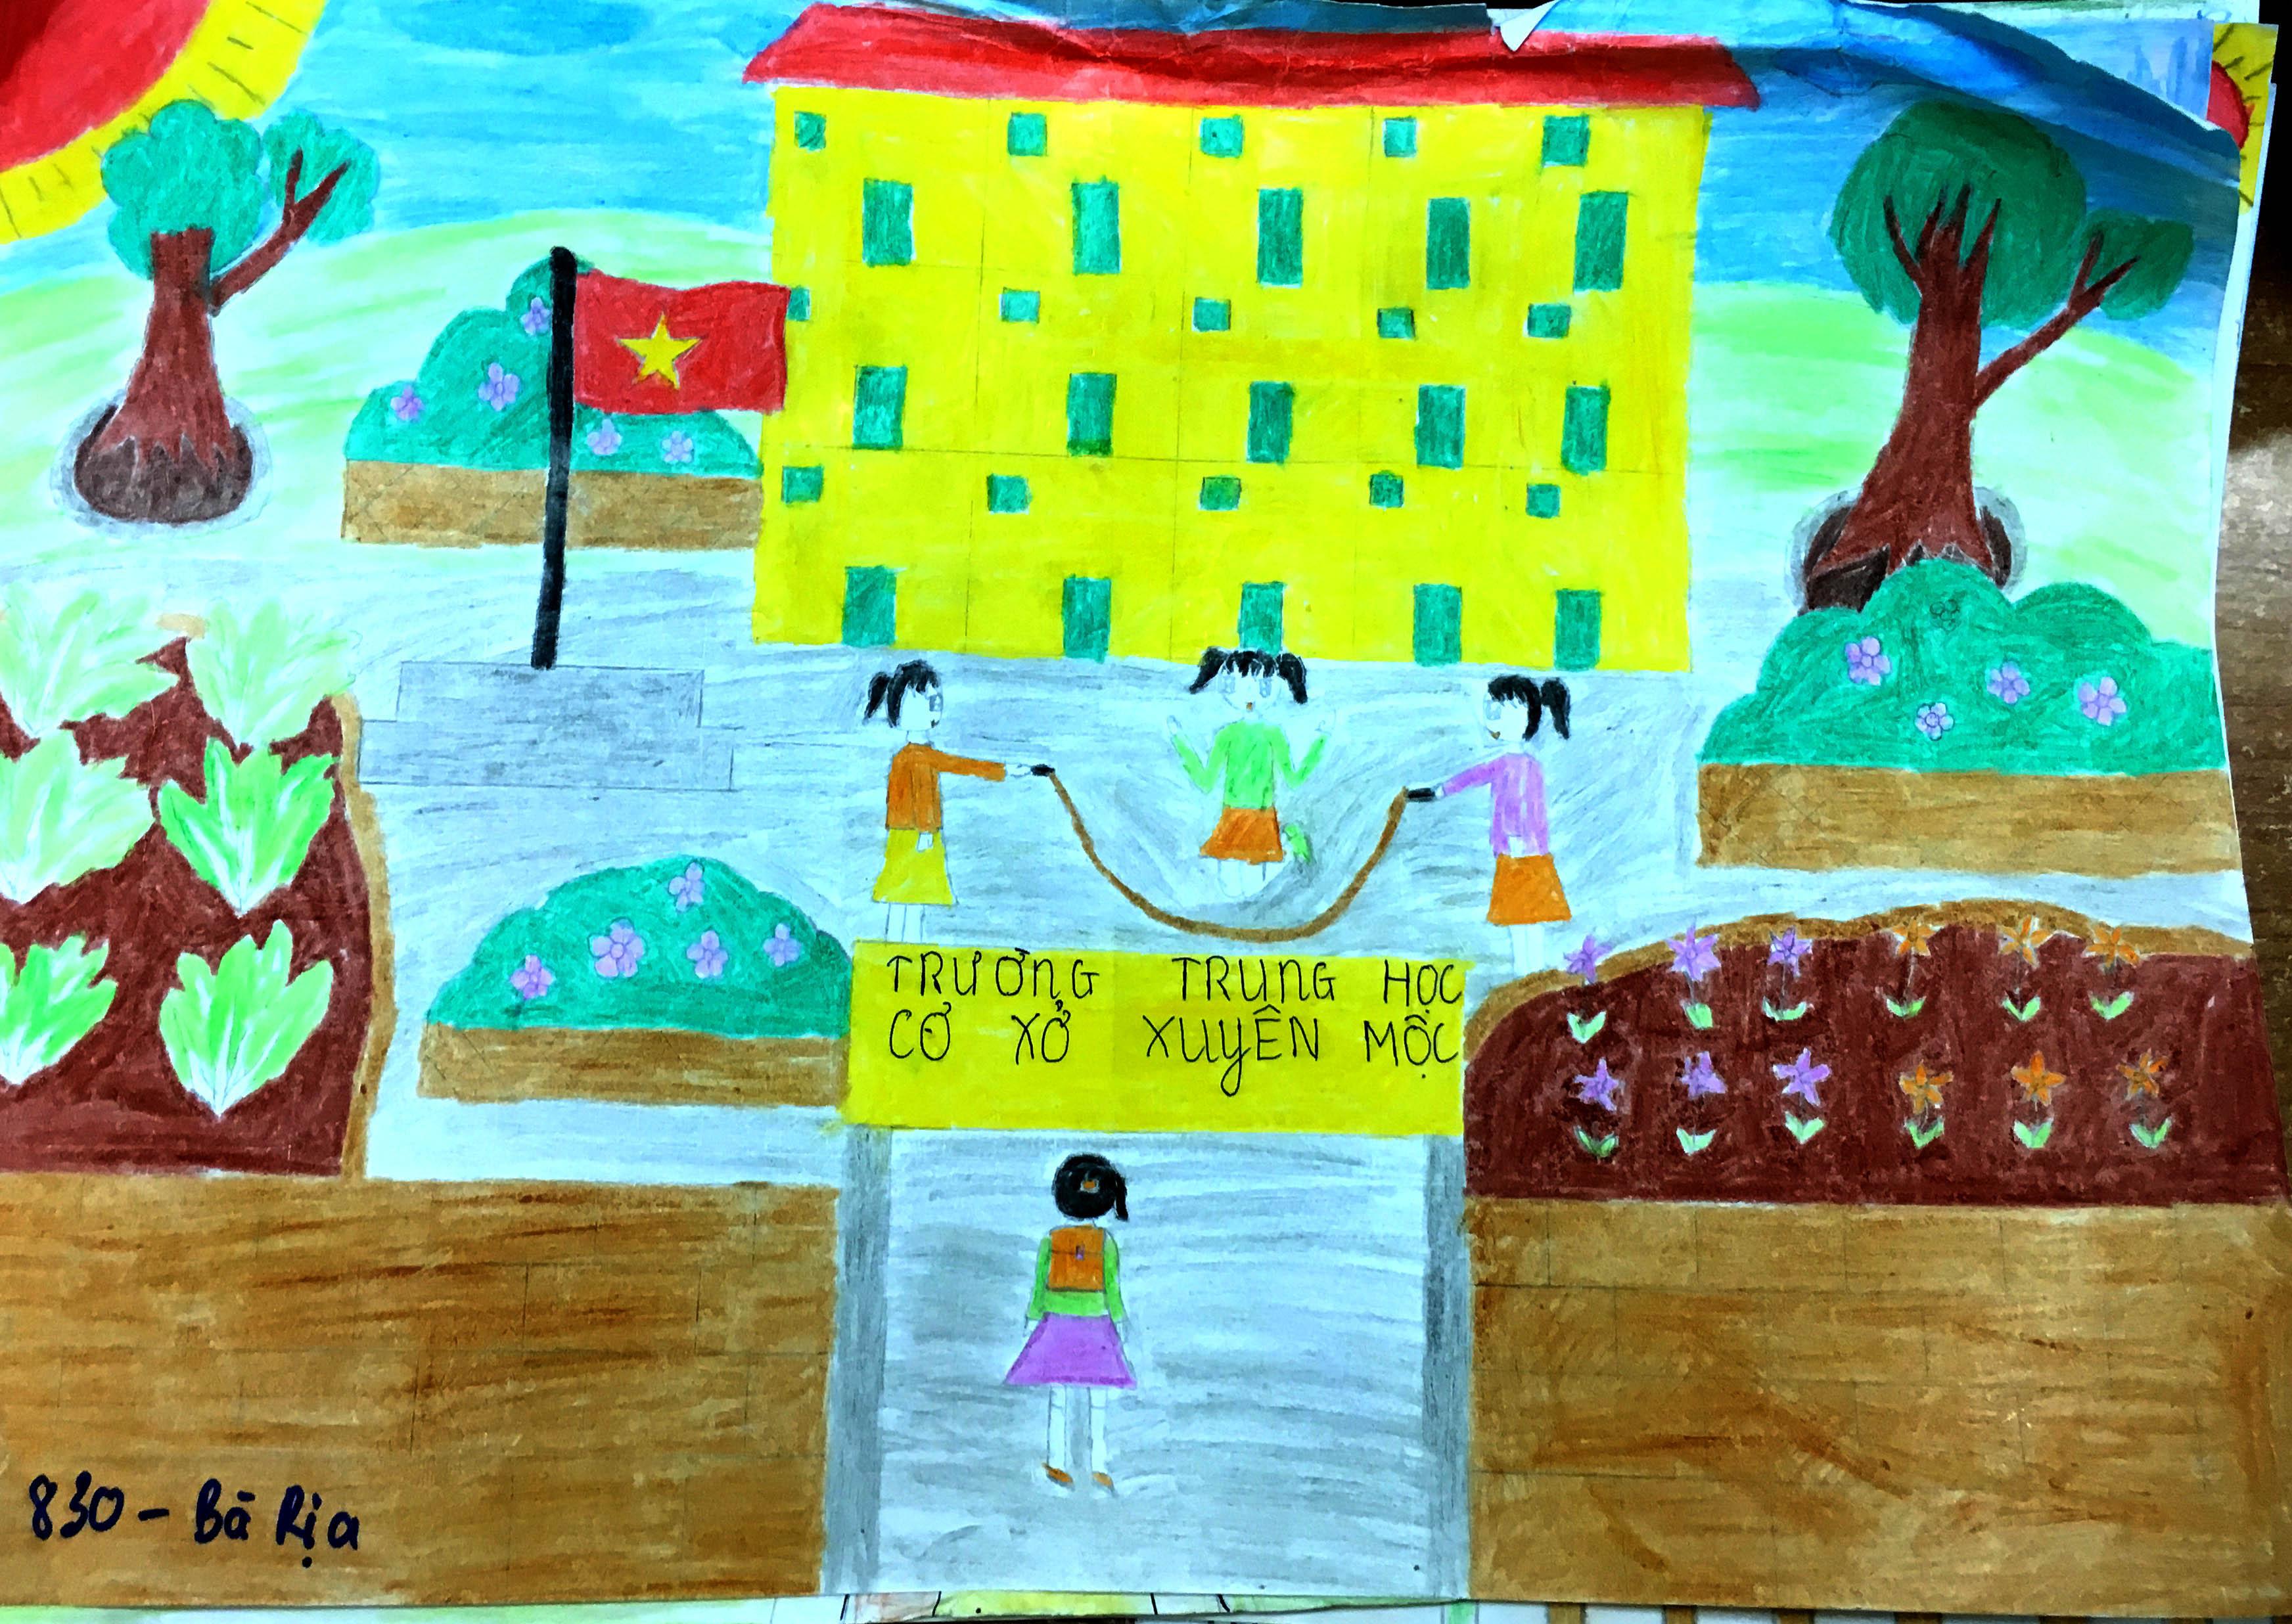 Nguyễn Ngọc Yến Nhi